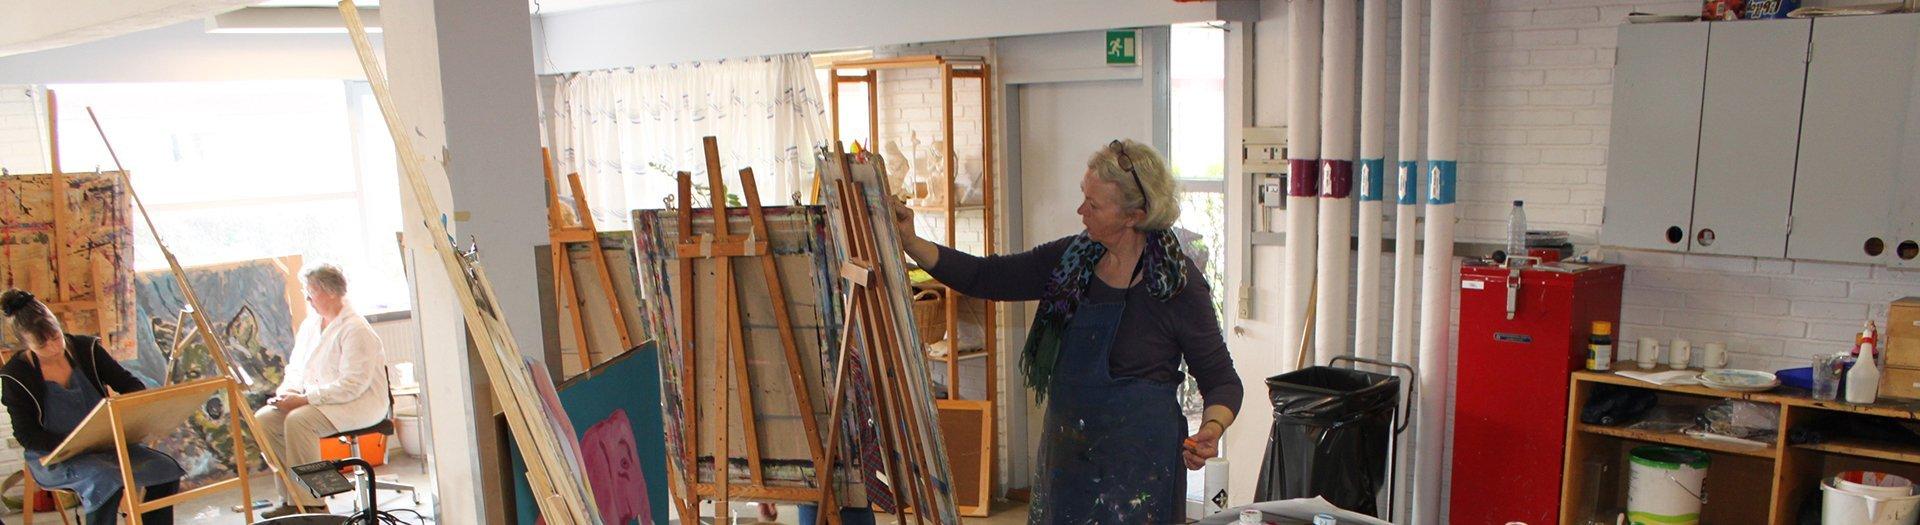 maleri-kunst-noergaards-hoejskole-begynder-palet-oliemaleri-tegning-qrouqis